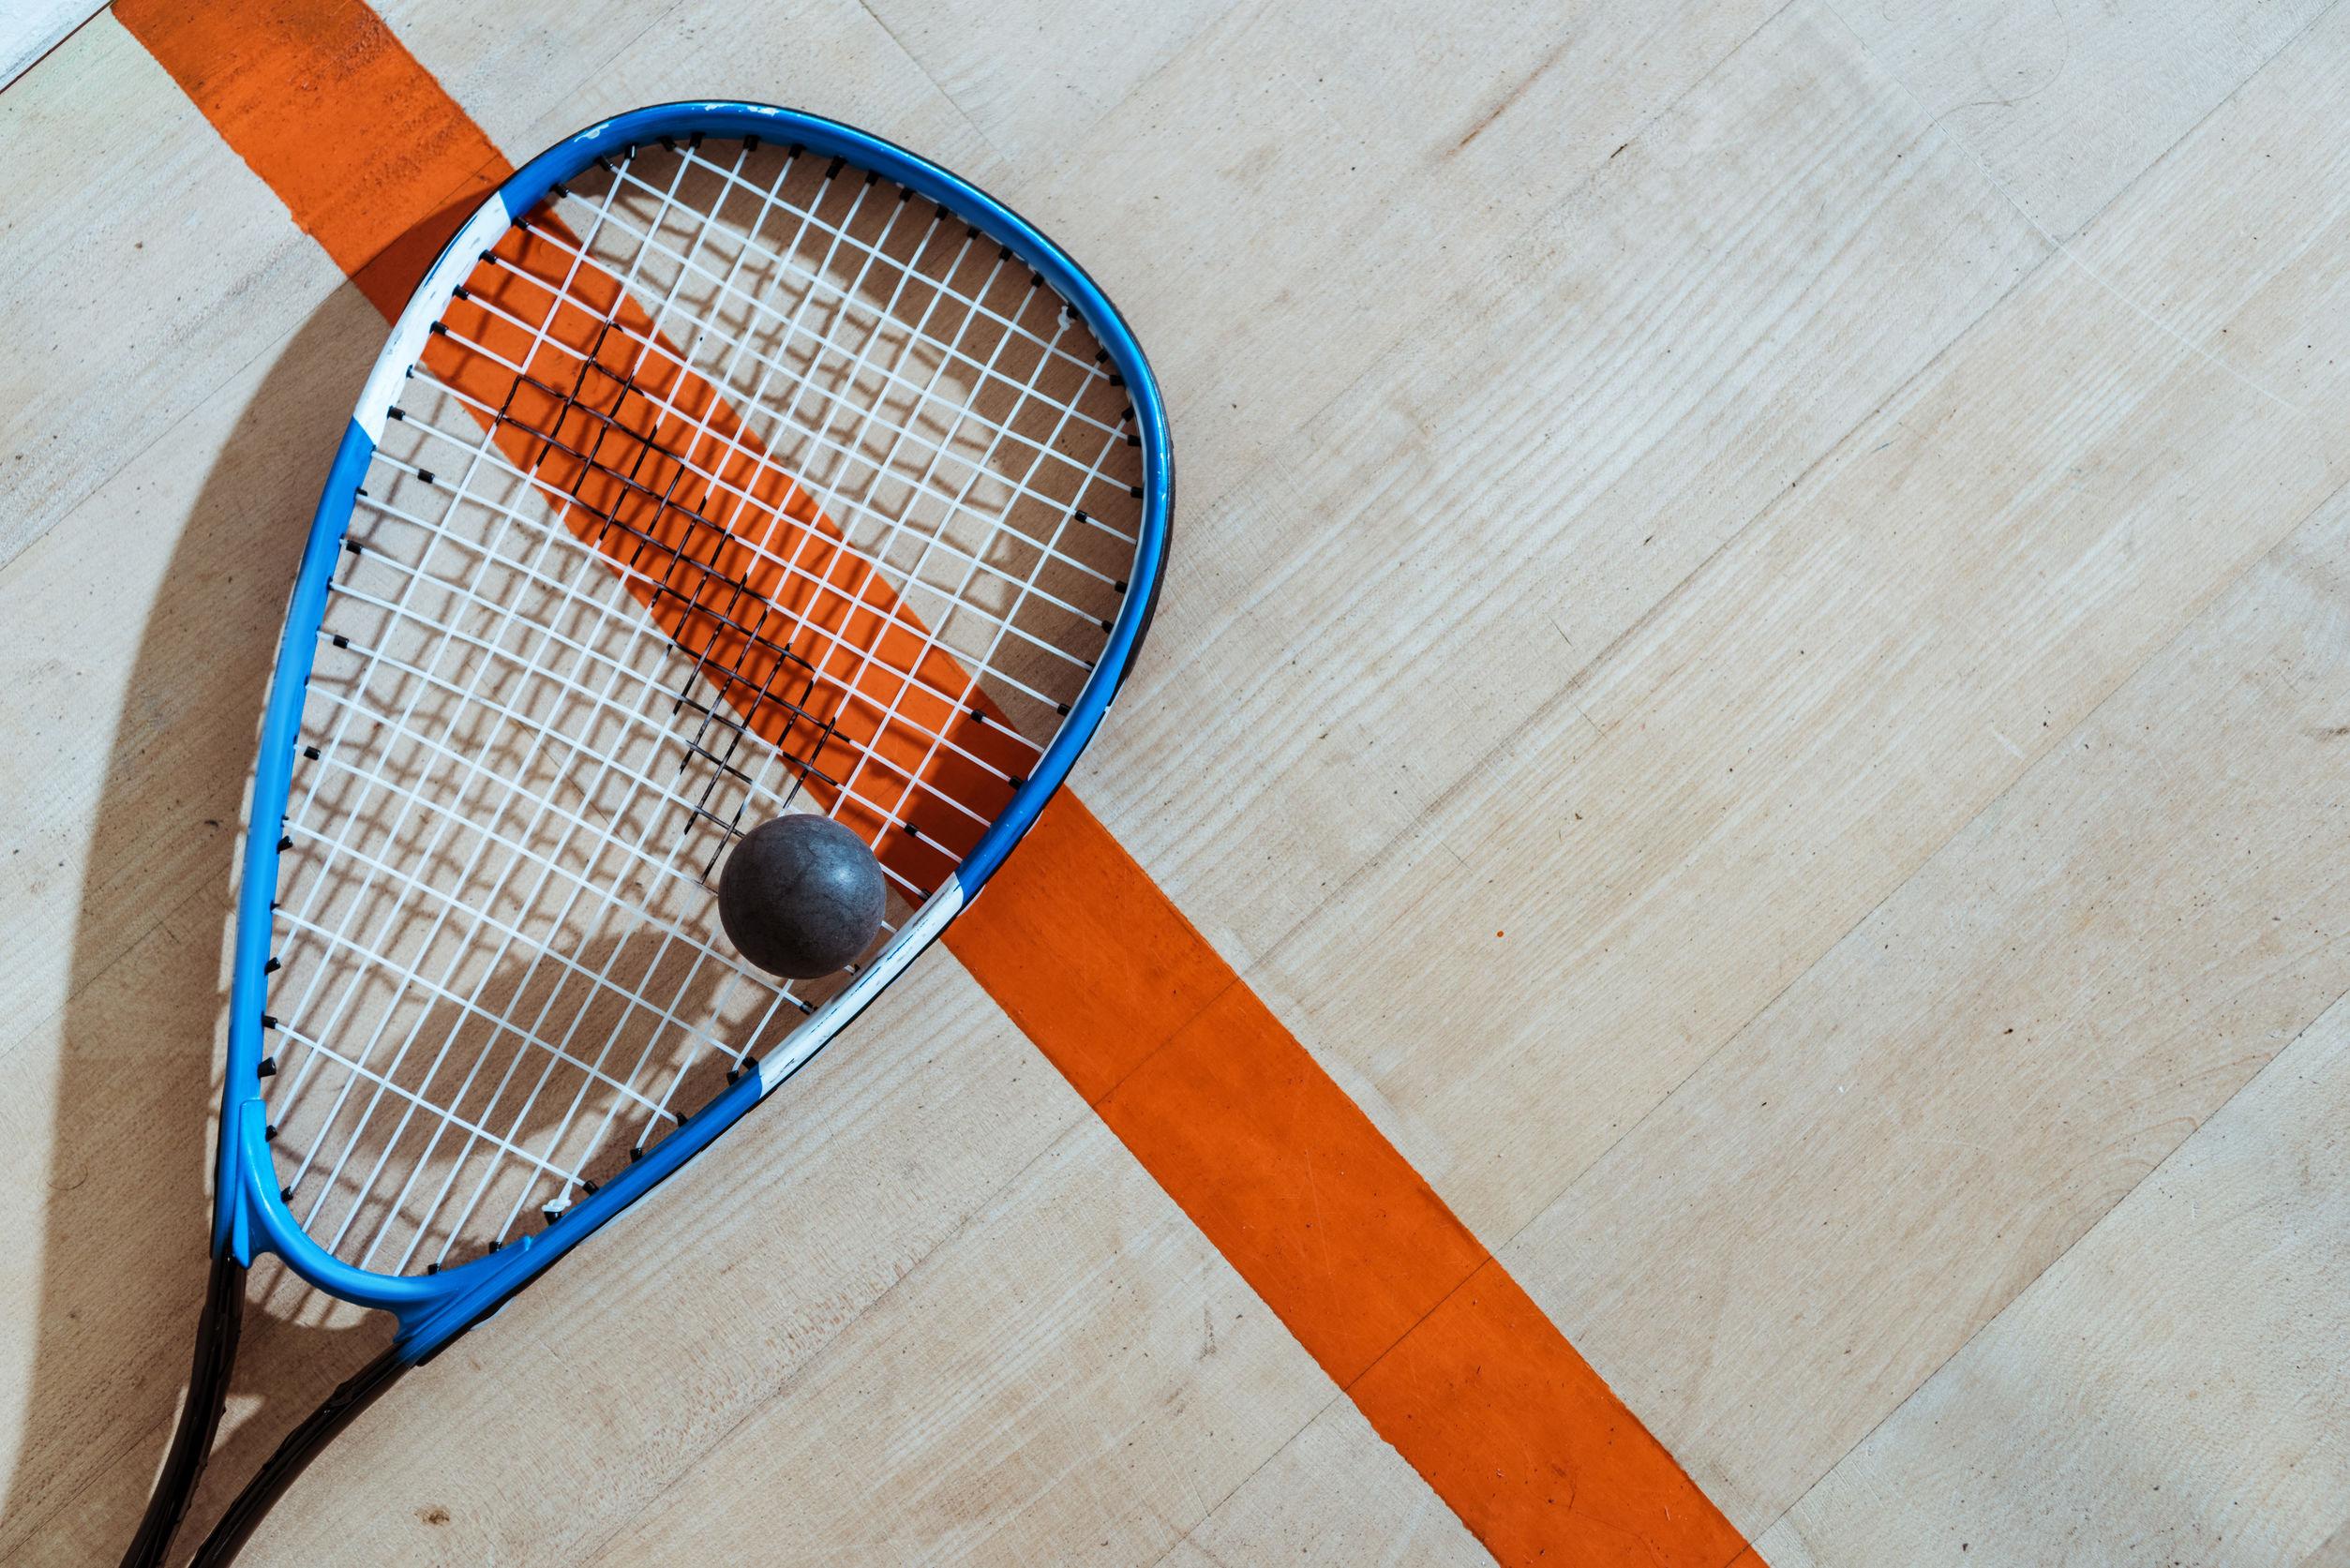 Raqueta-de-squash-0